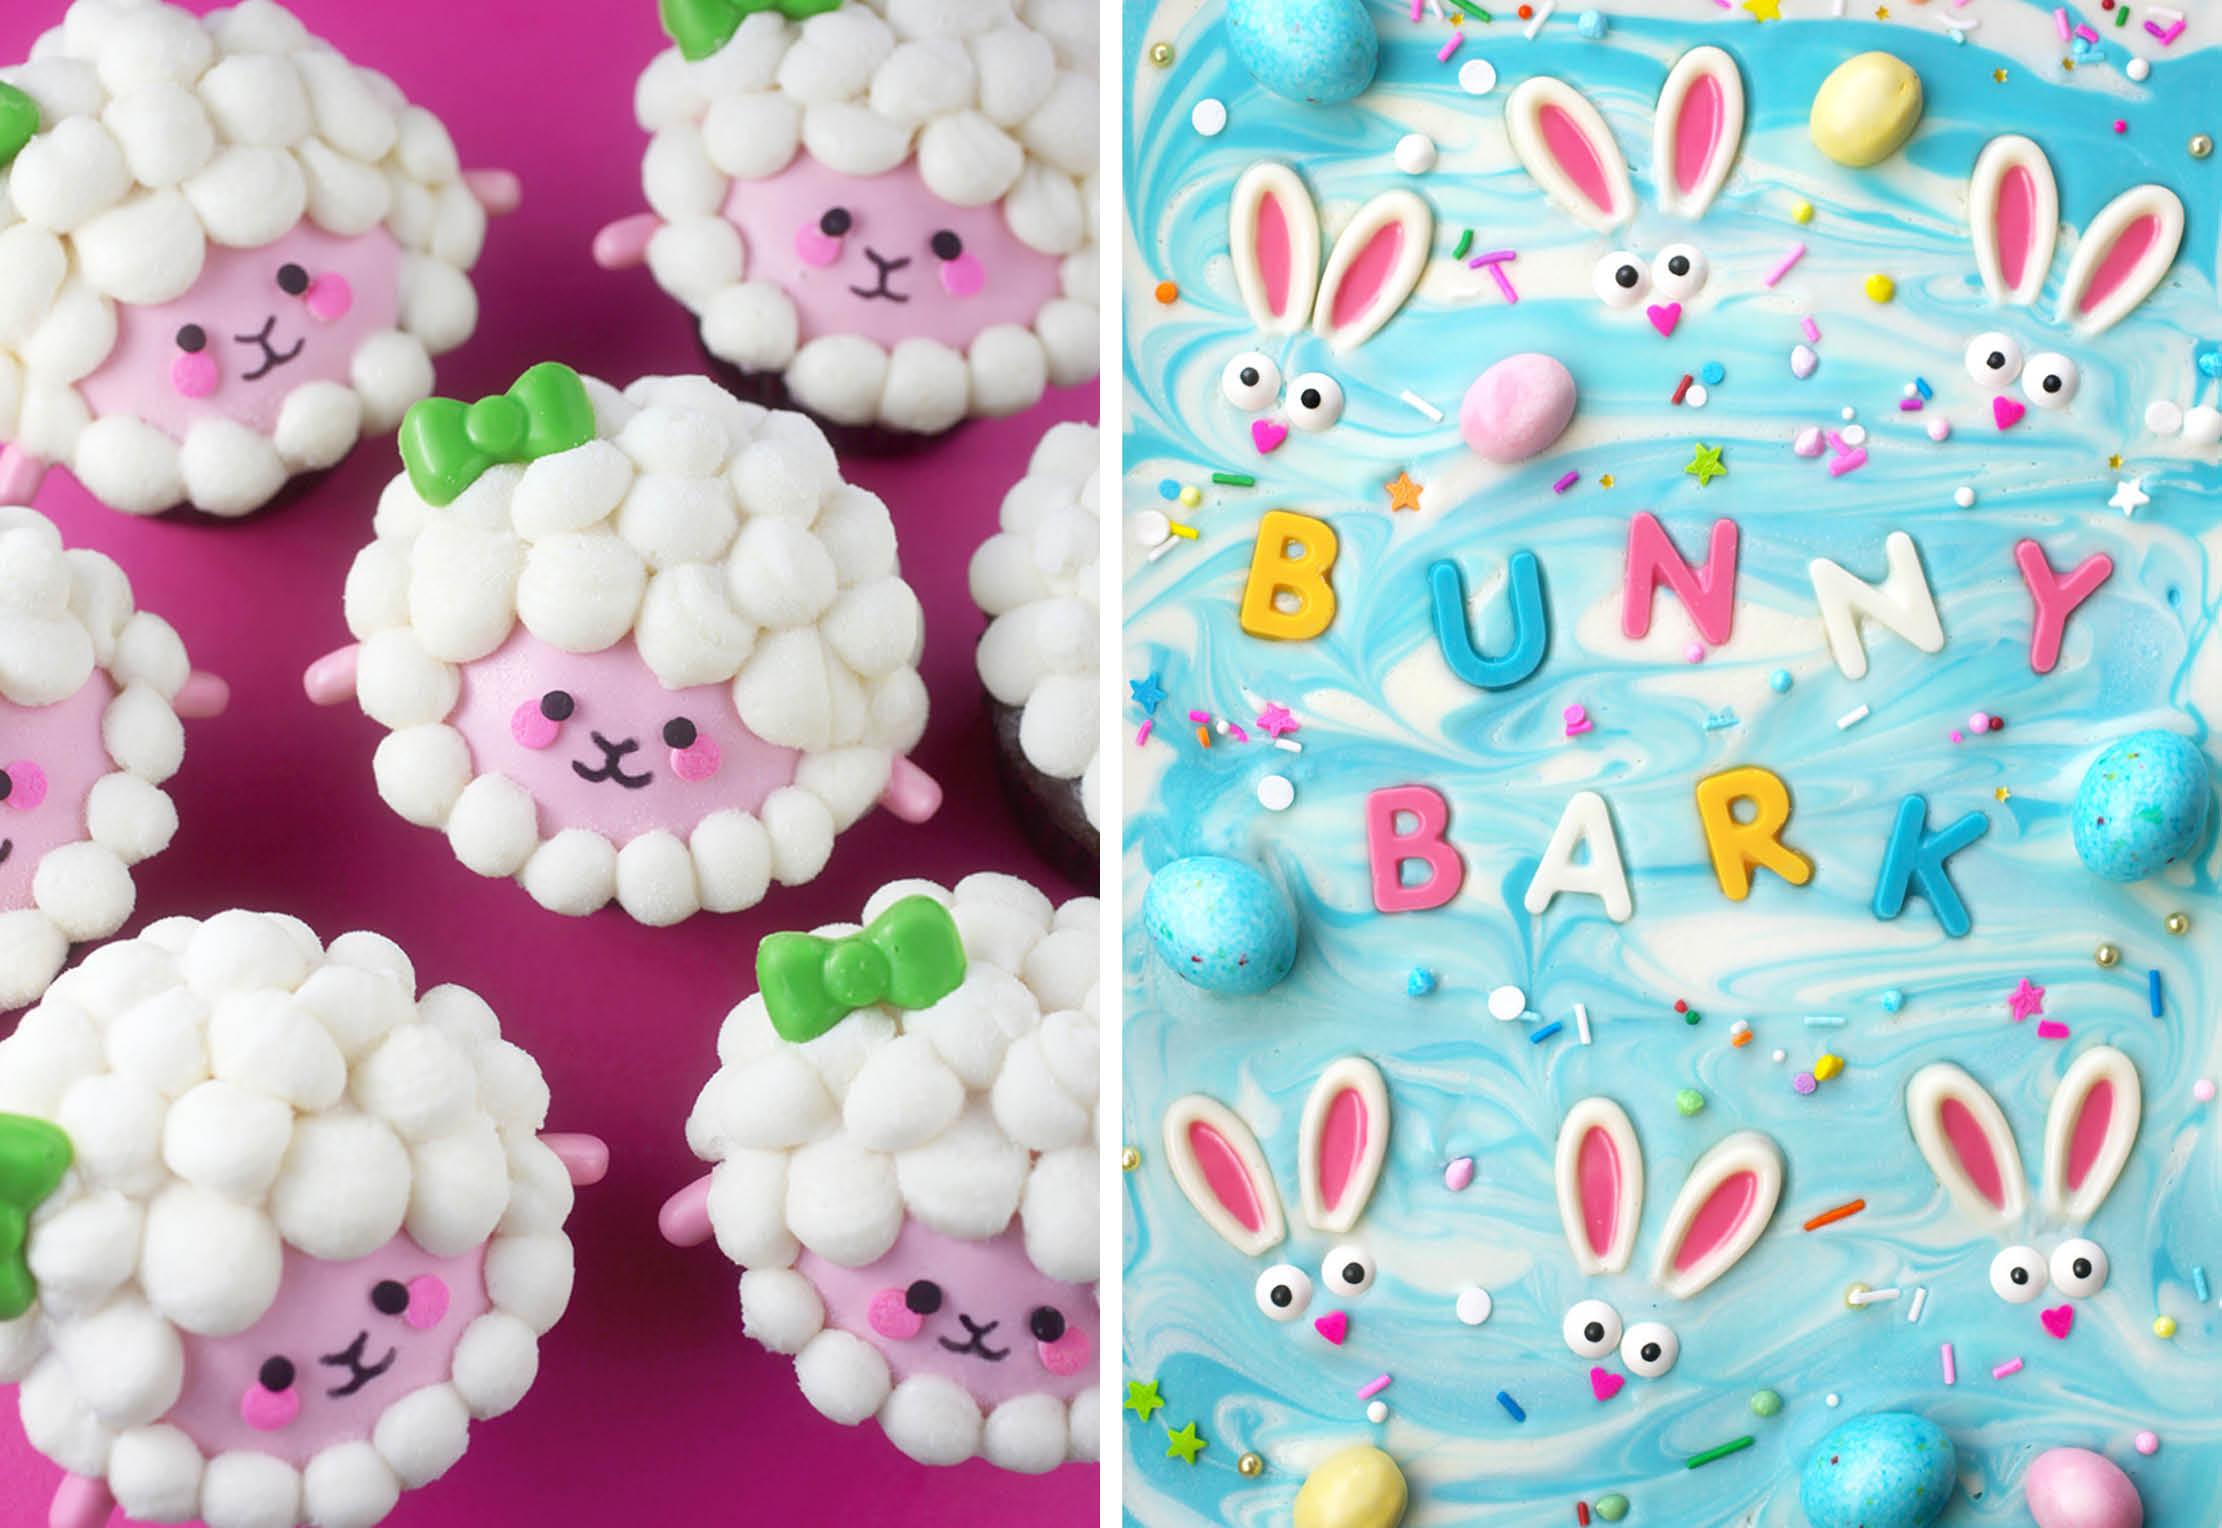 Lamb Cupcakes and Bunny Bark